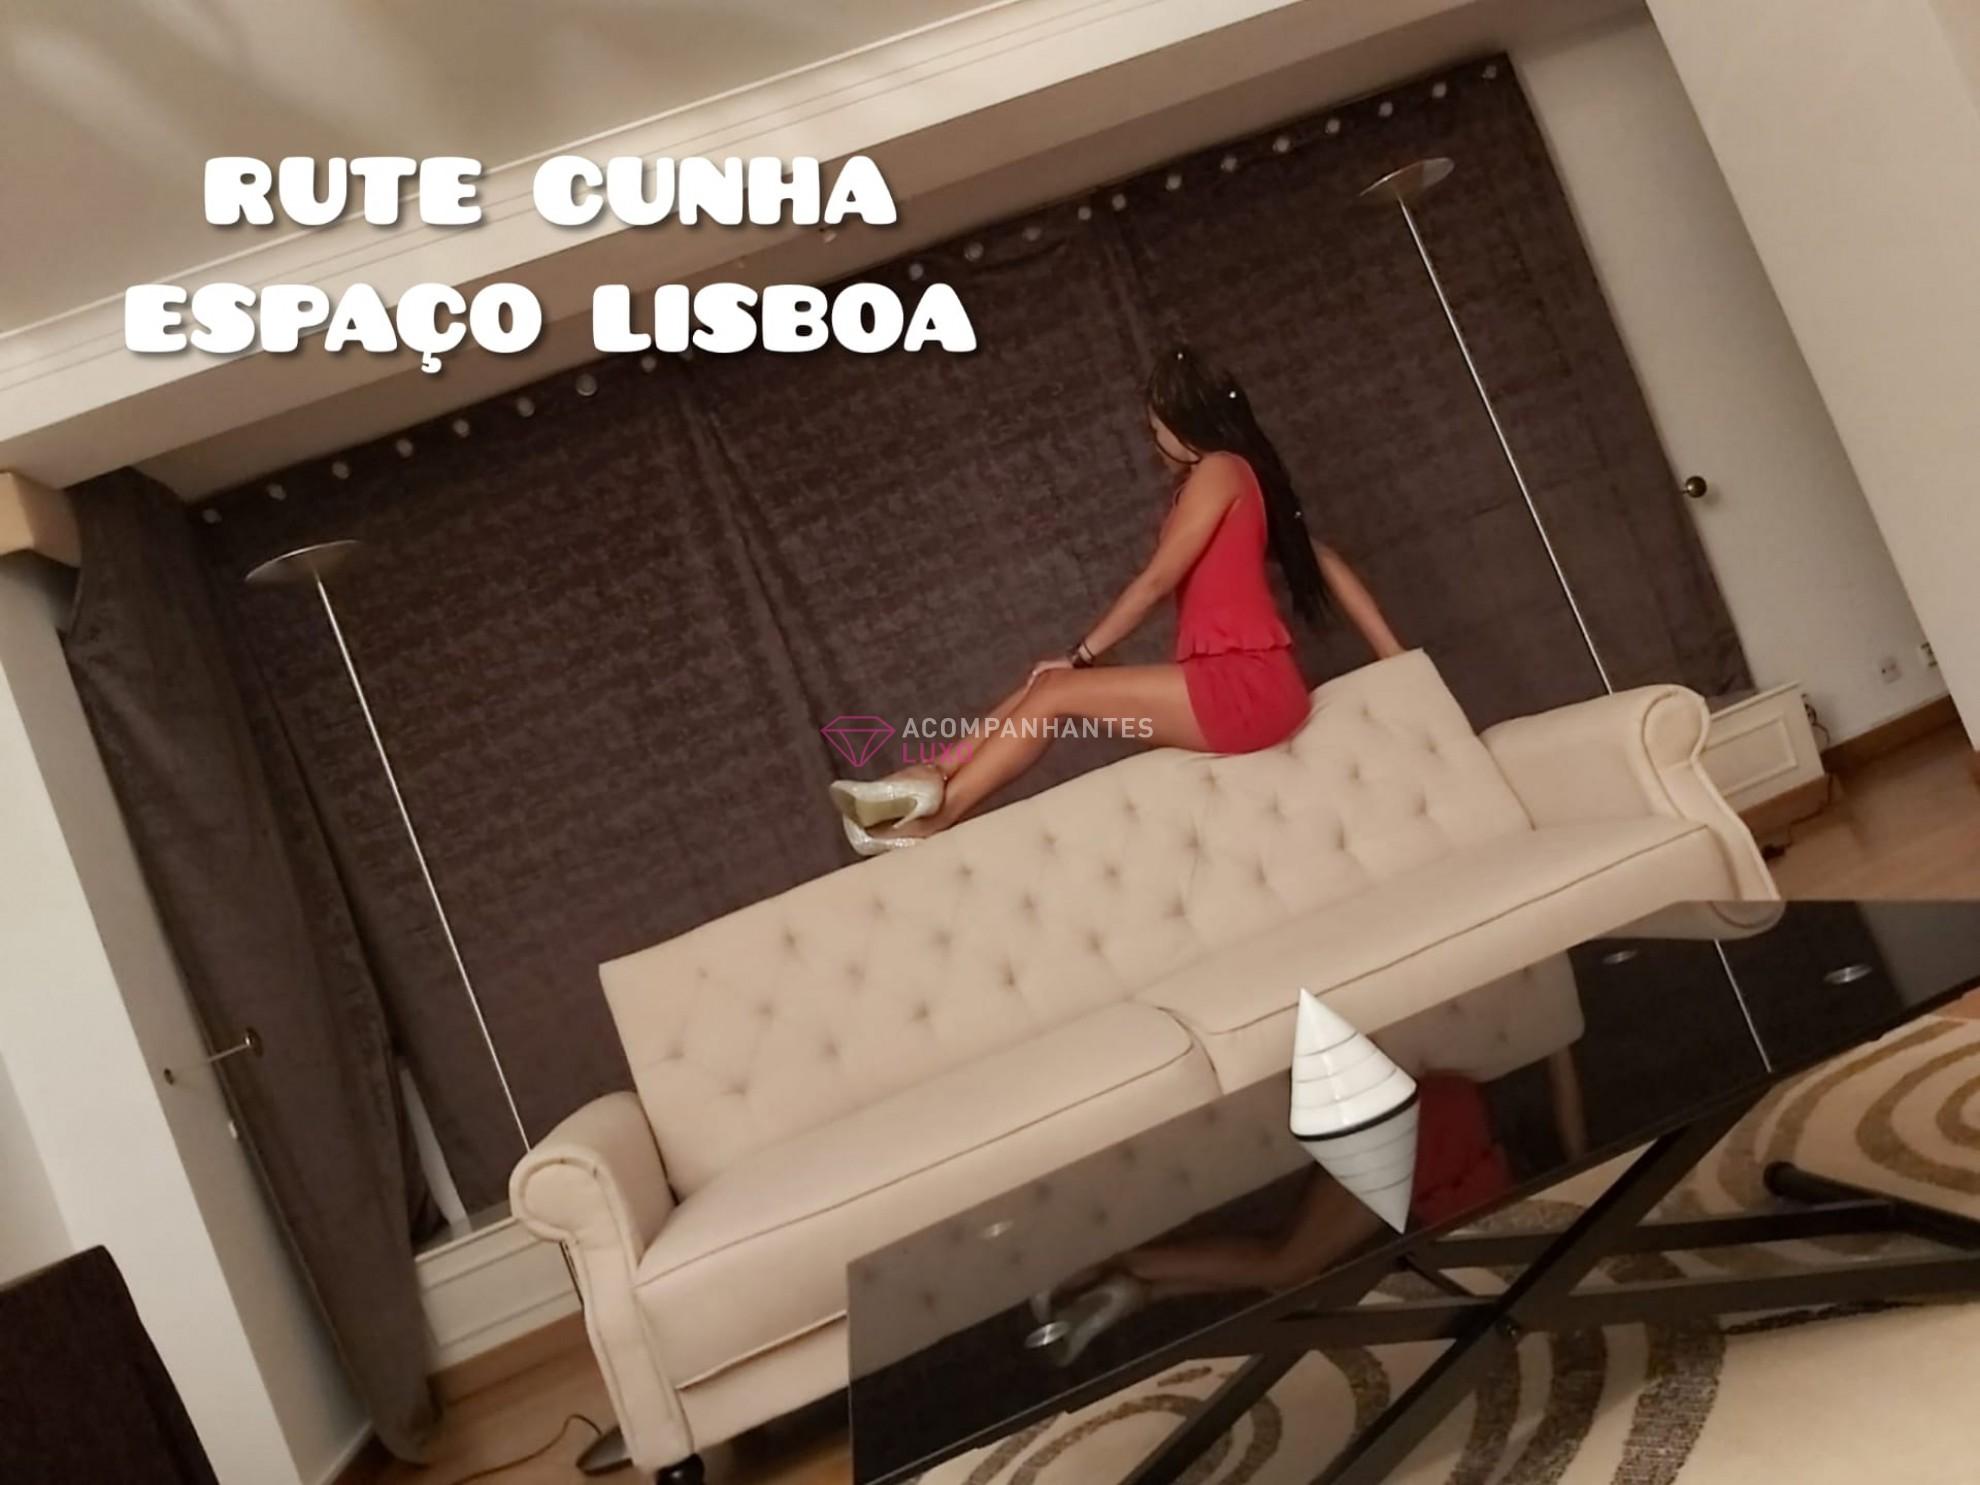 Espaço Lisboa Acompanhantes de Luxo Portuguesas